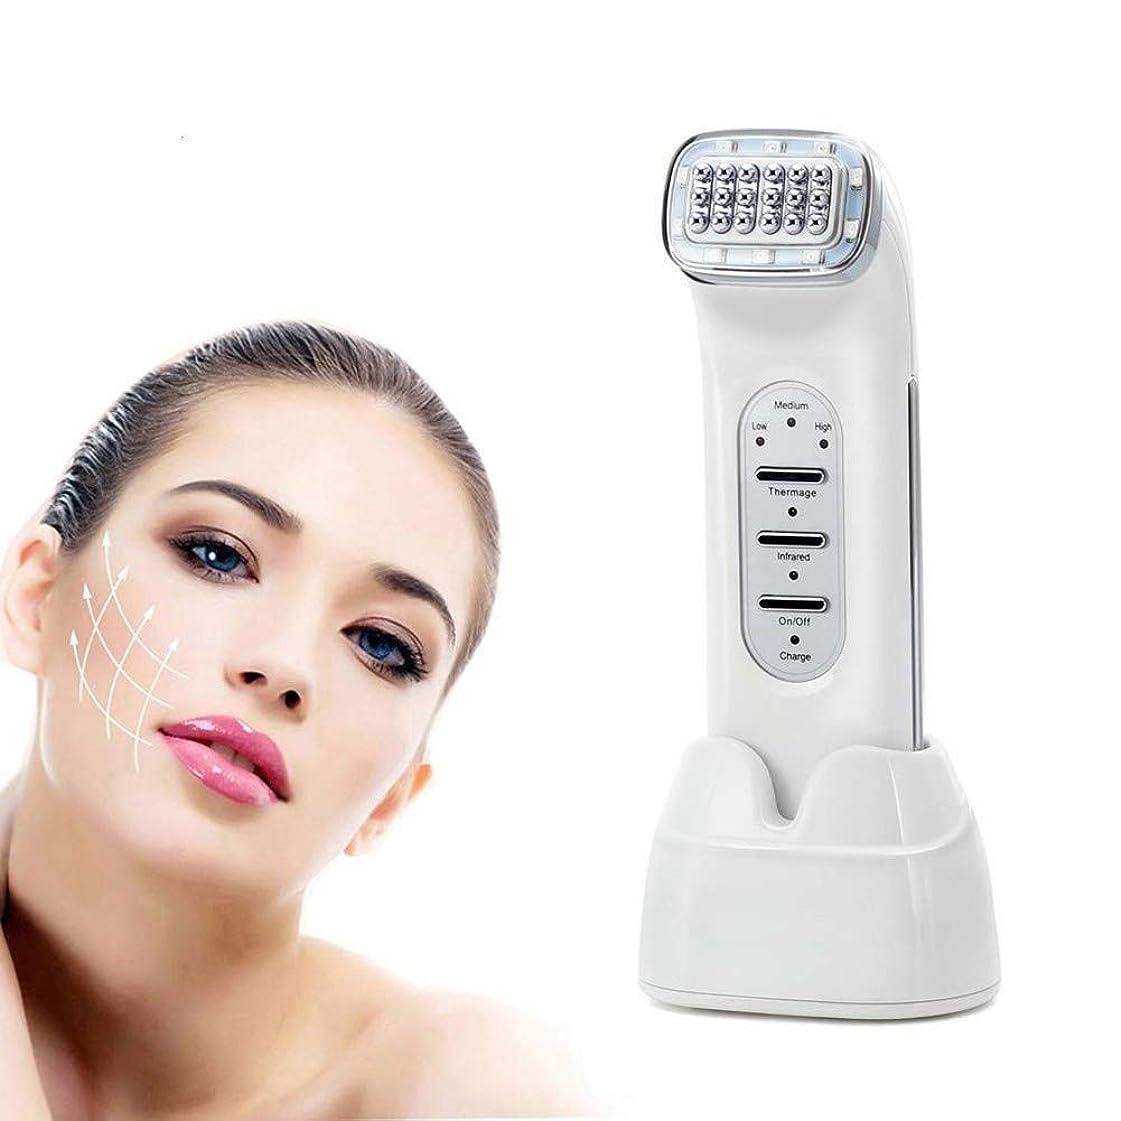 スチュワード公然と未知のスキンケア?フェイシャルクリーナー用機器、美容機器、RF美容機器のEMS振動RF美容DeviceDotマトリックス肌の若返りのためにひげアンチエイジング美容インストゥルメントを調色LED